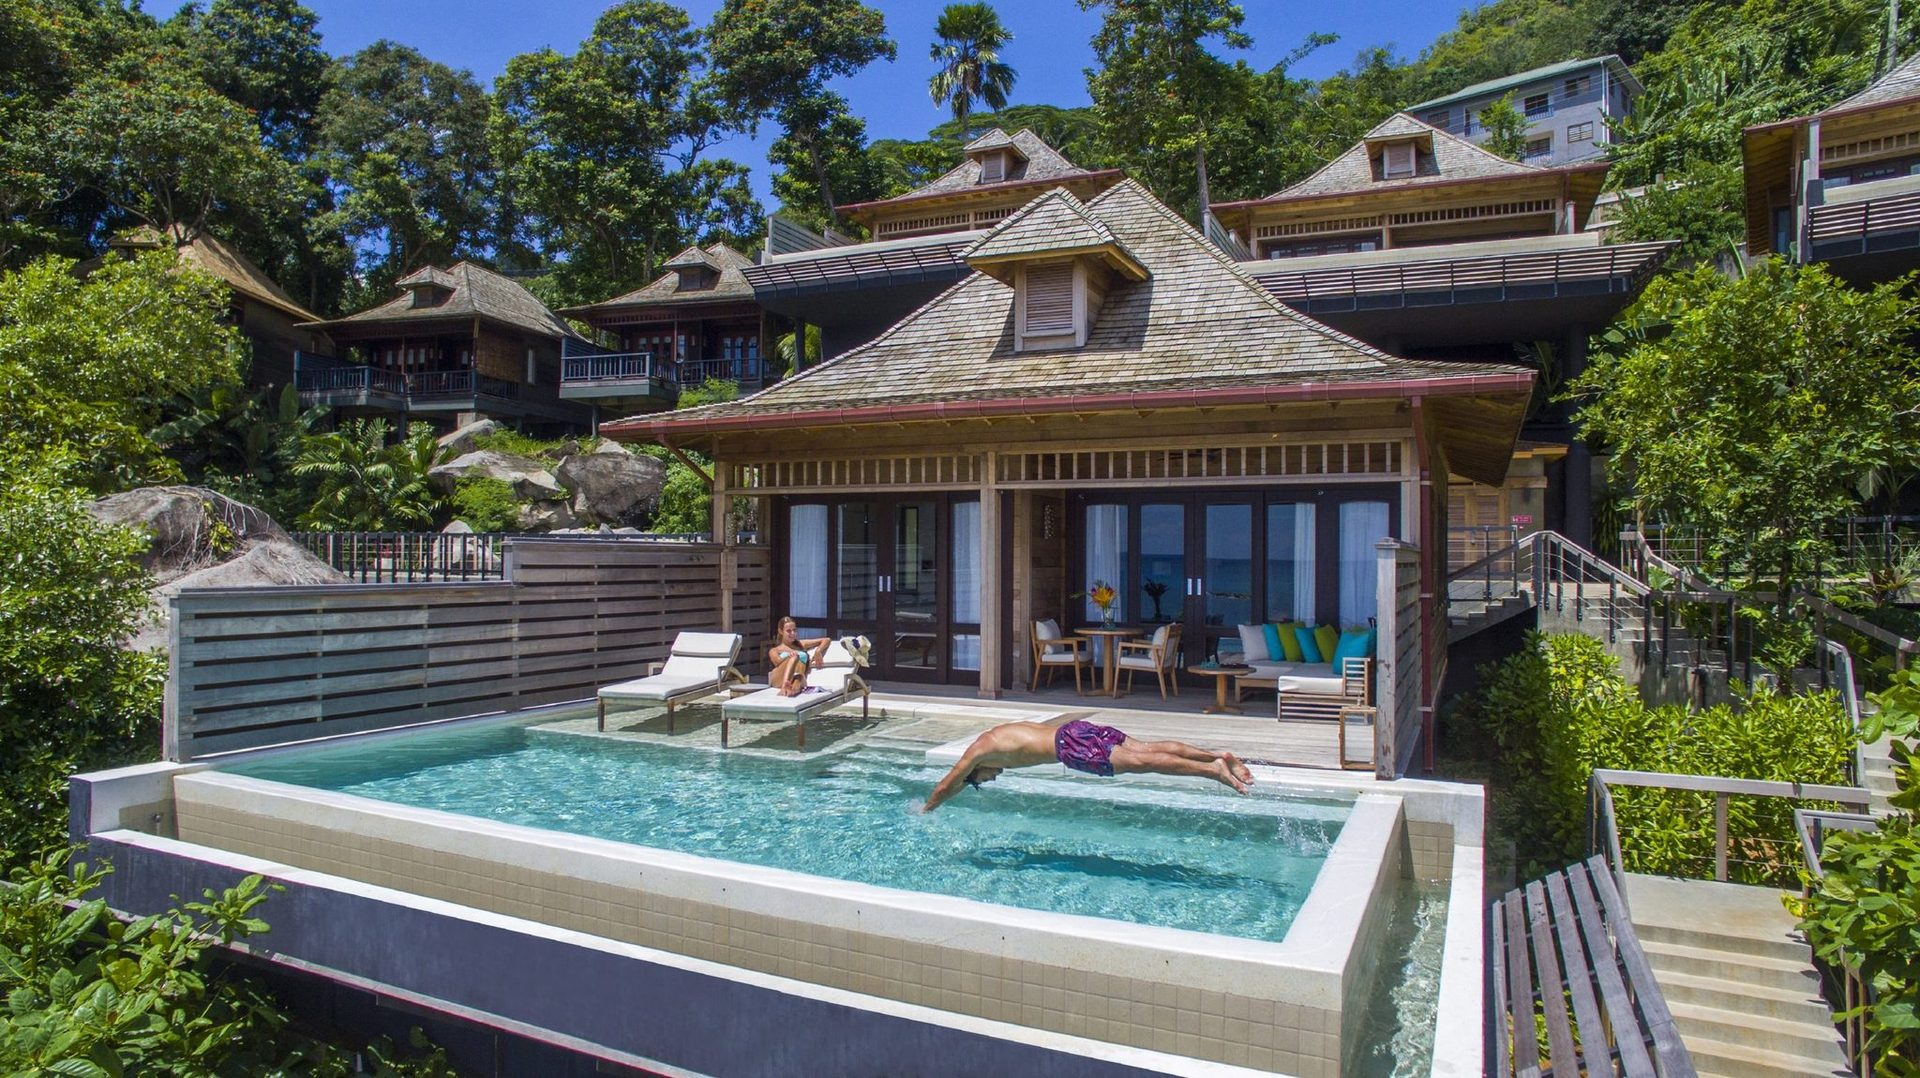 Один из номеров Hilton Seychelles Northolme Resort & Spa назван в честь известного гостя - Яна Флеминга, автора увлекательных романов о Джеймсе Бонде.